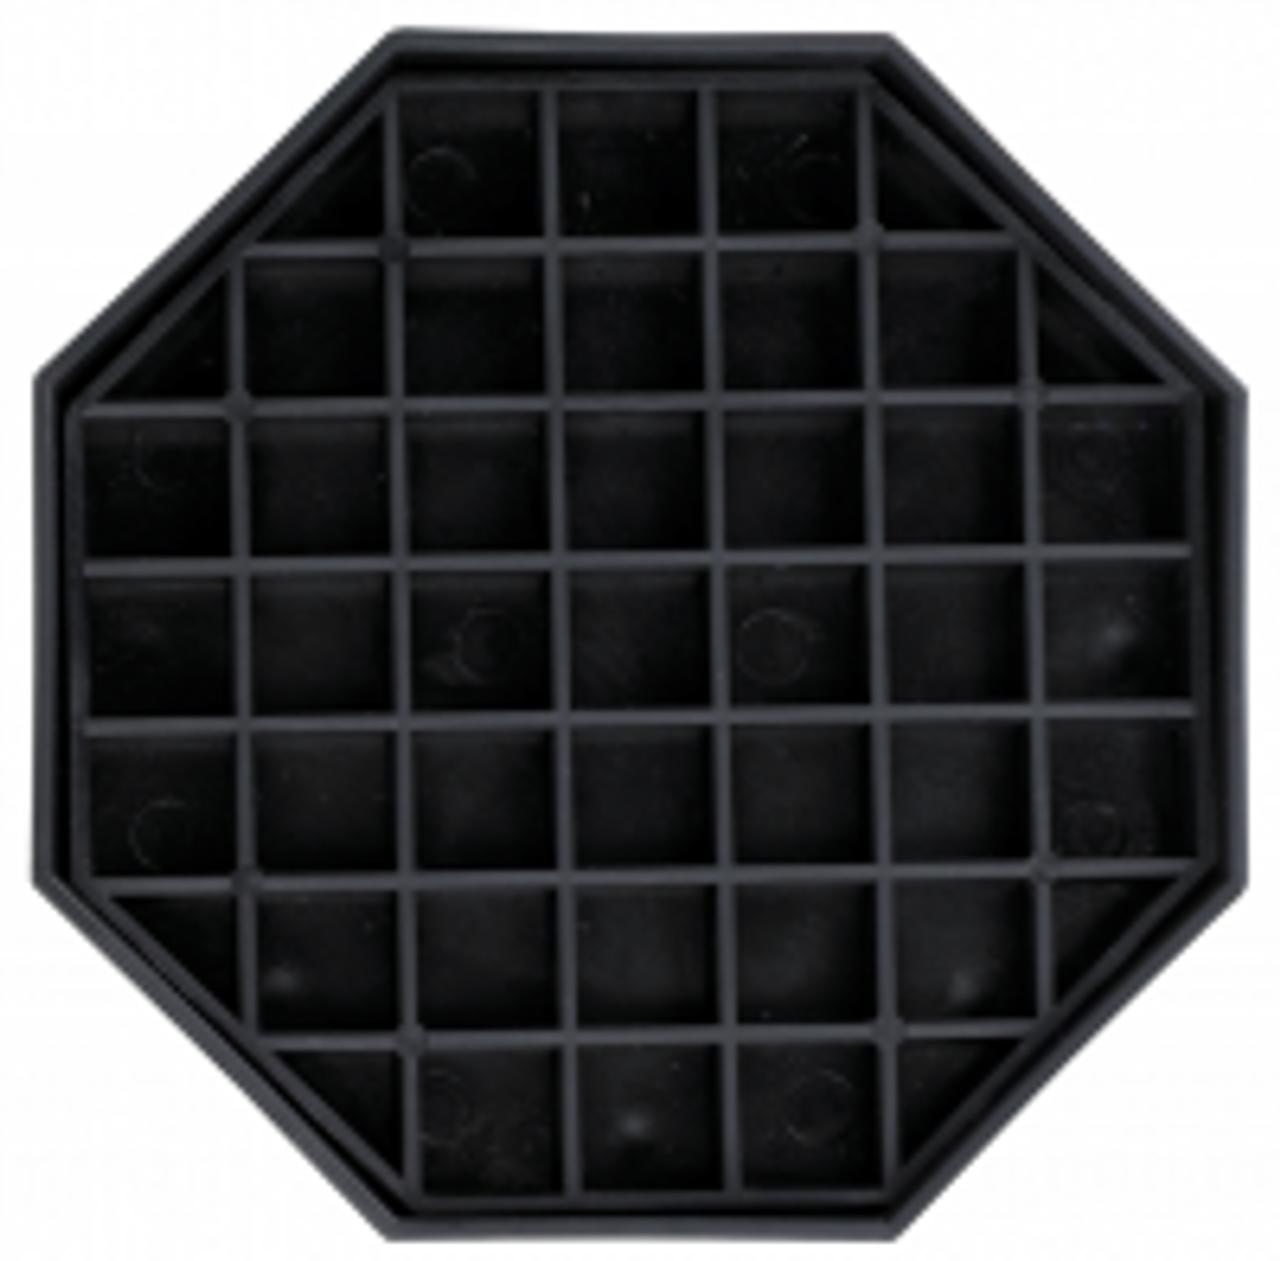 Revolution Black Drip Tray